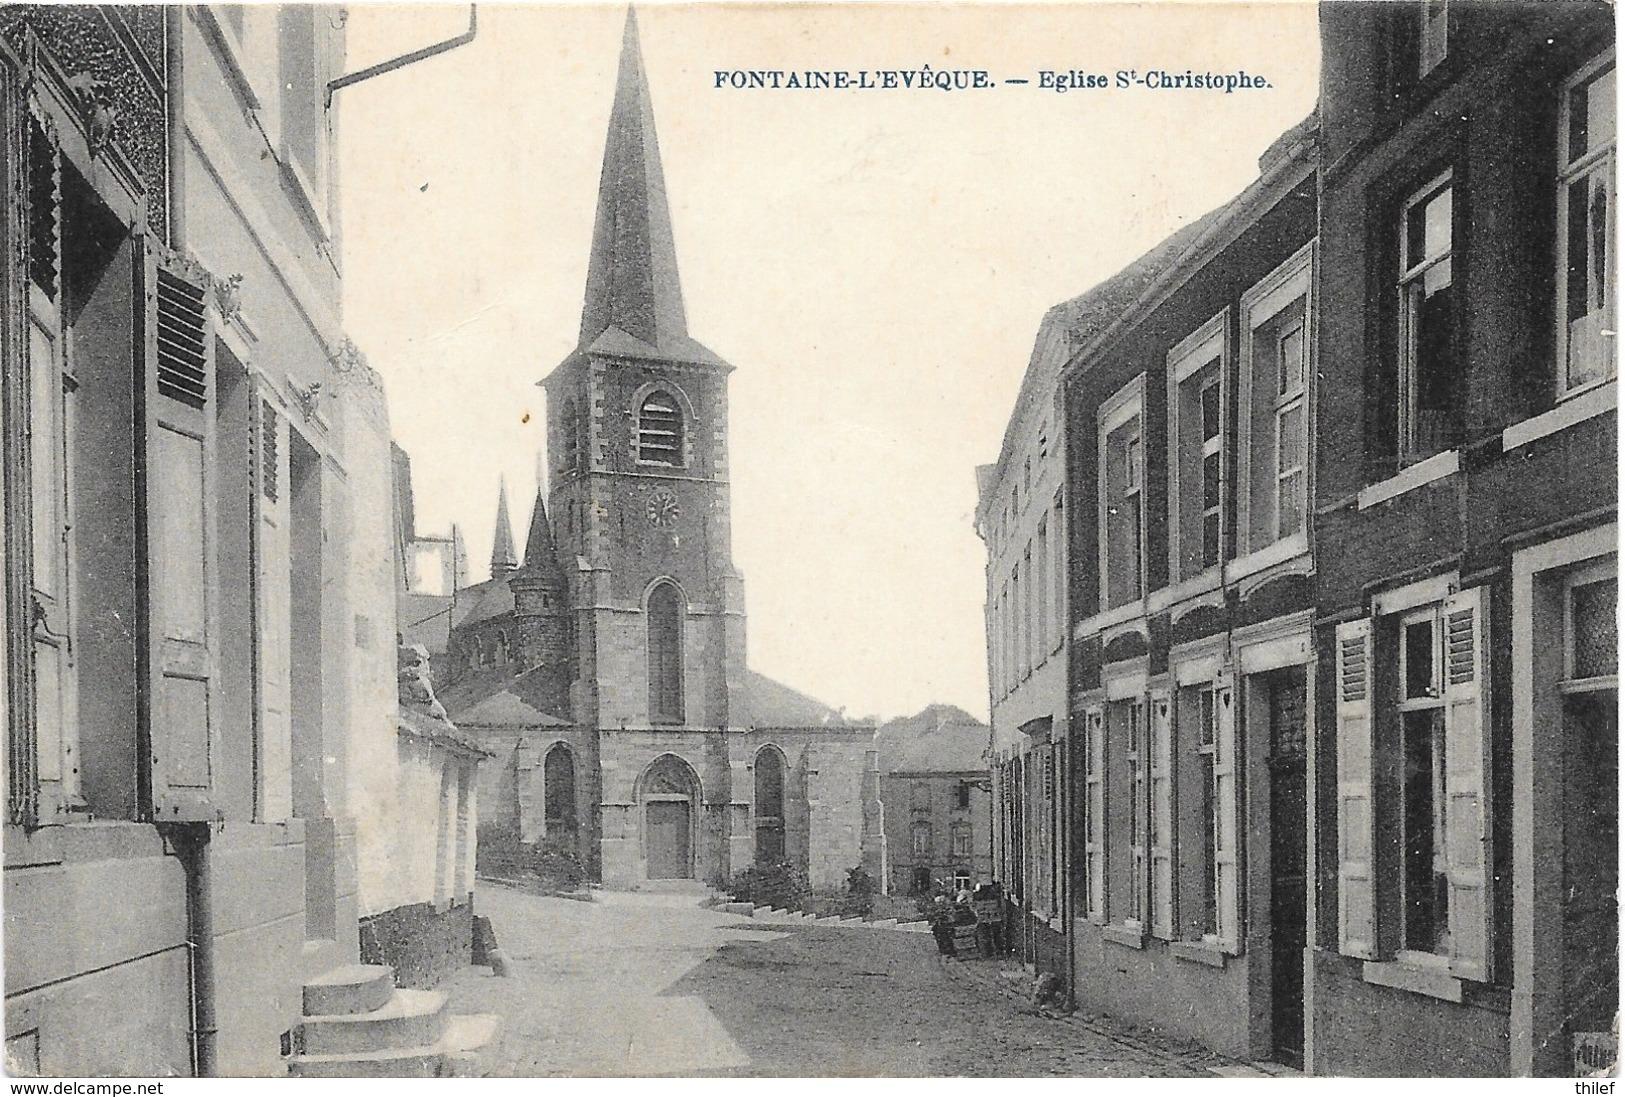 Fontaine-l'Evêque NA67: Eglise St-Christophe 1922 - Fontaine-l'Evêque